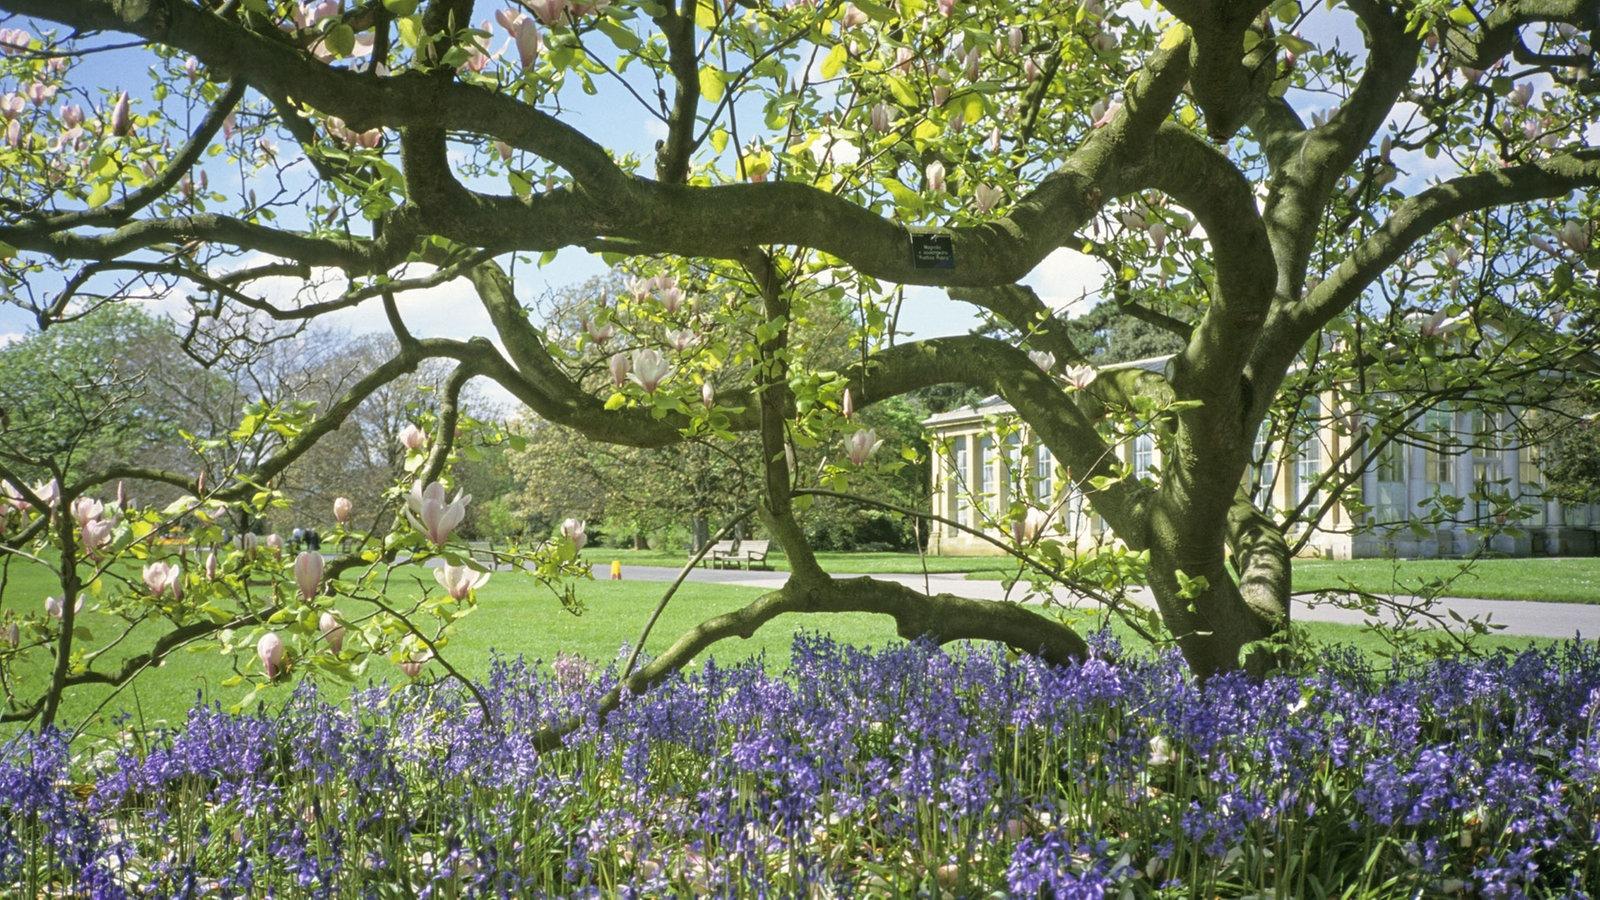 magnolie anbau und pflege freizeit verbraucher wdr. Black Bedroom Furniture Sets. Home Design Ideas